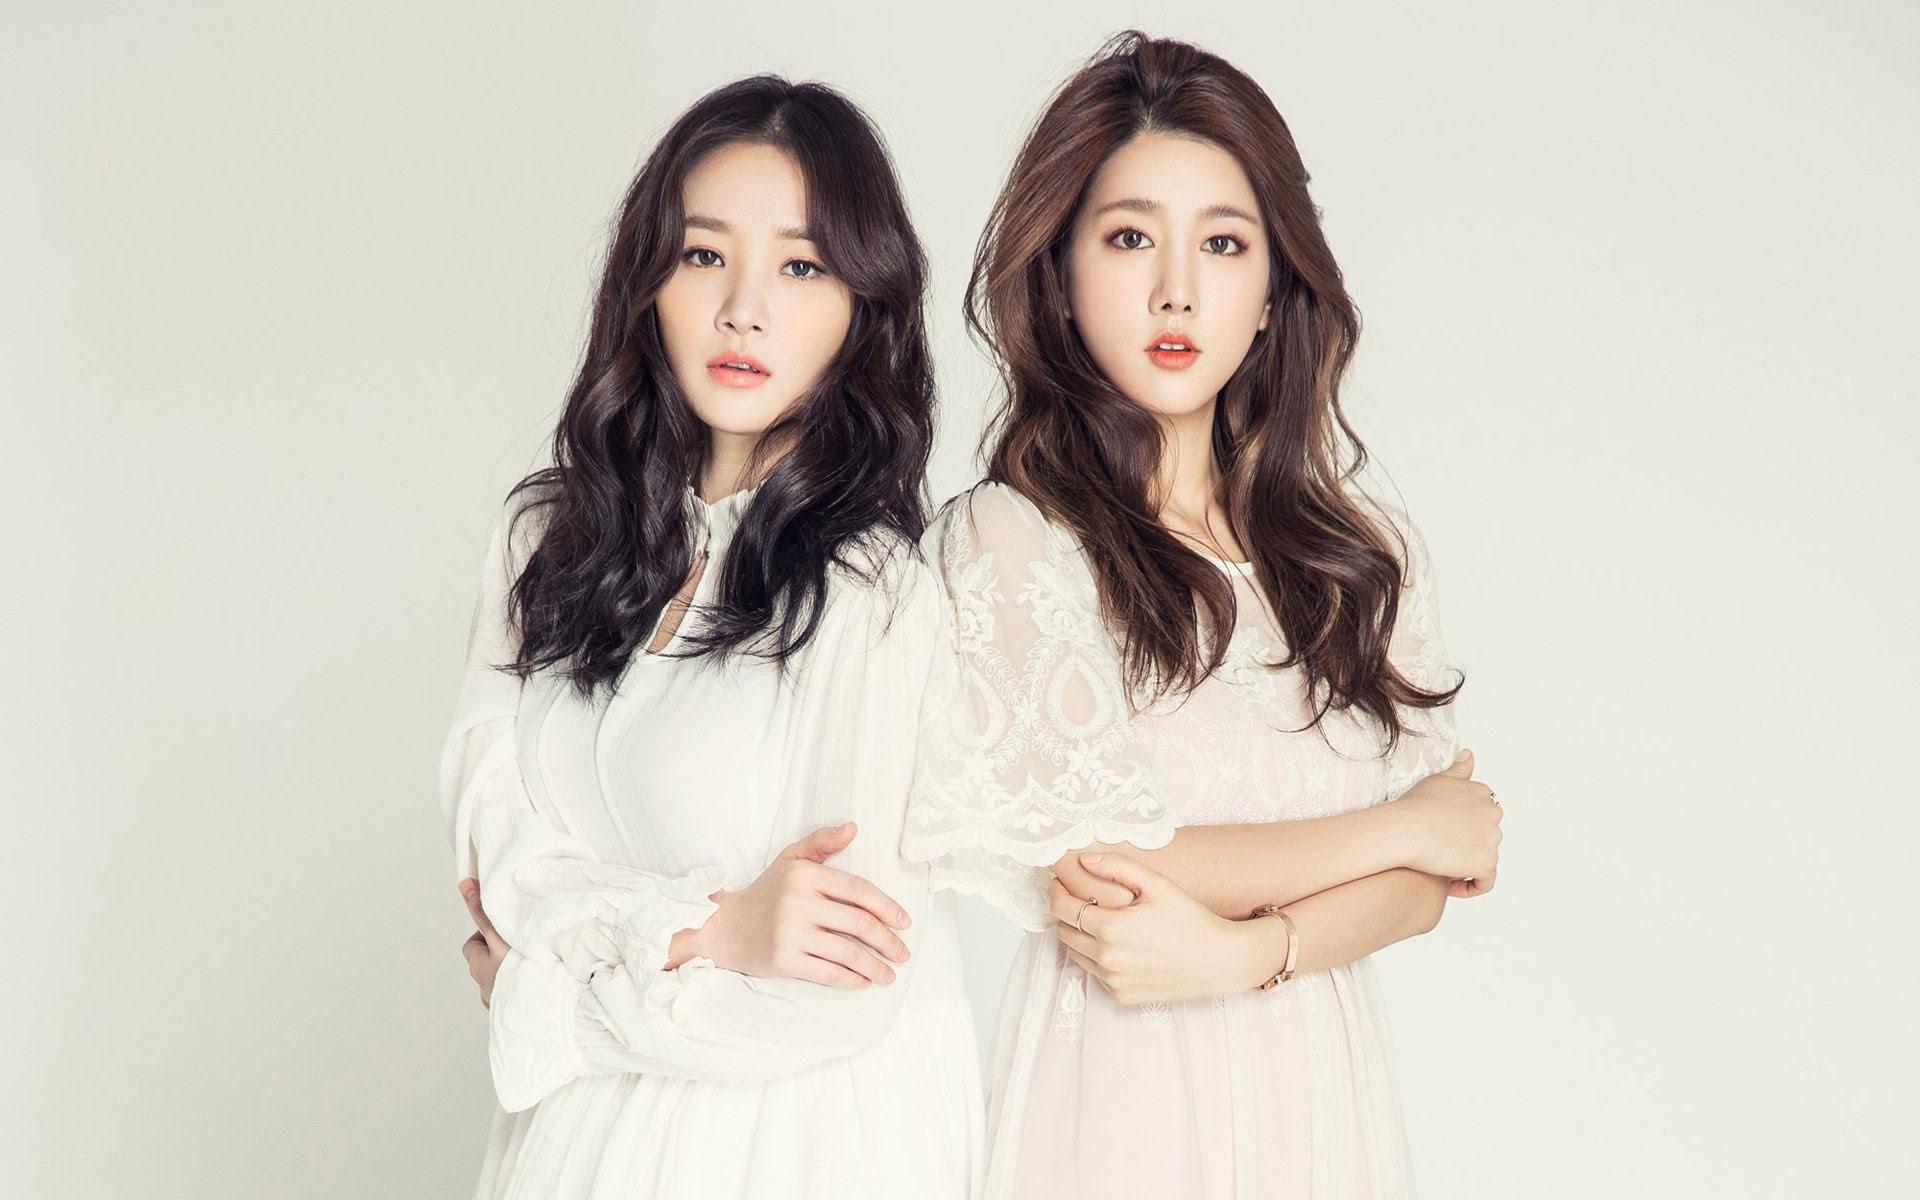 Spica スピカ韓国の女の子の音楽アイドル組み合わせのhdの壁紙 8